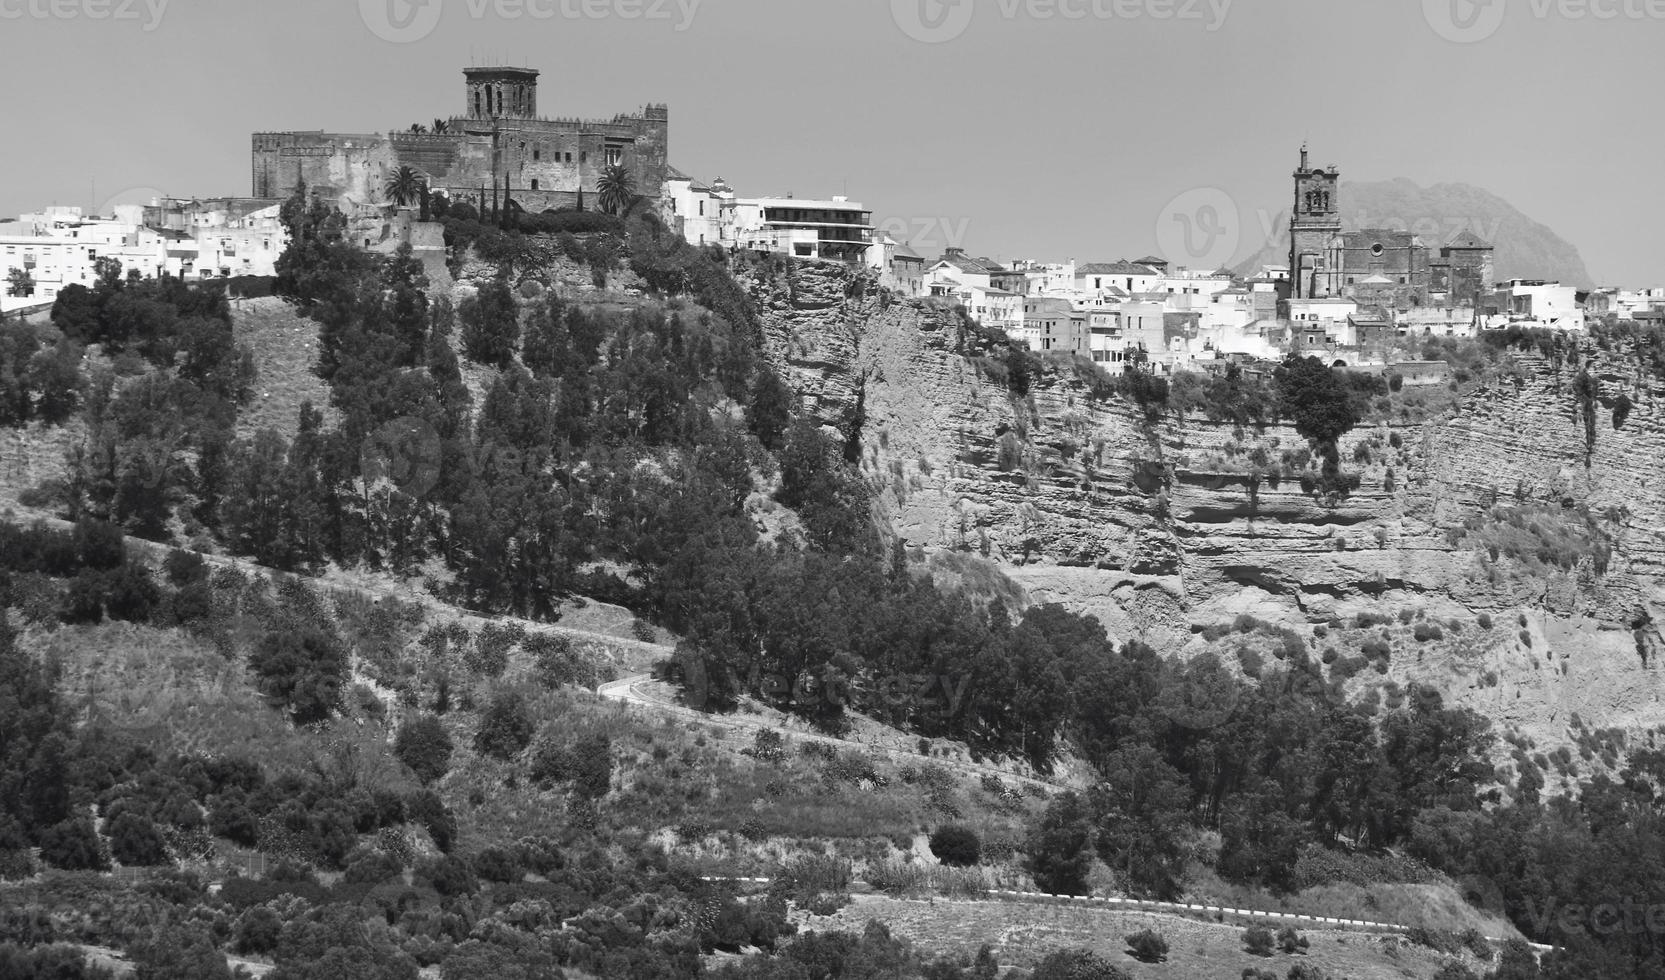 pueblo tradicional andaluz en españa. arcos de la frontera foto